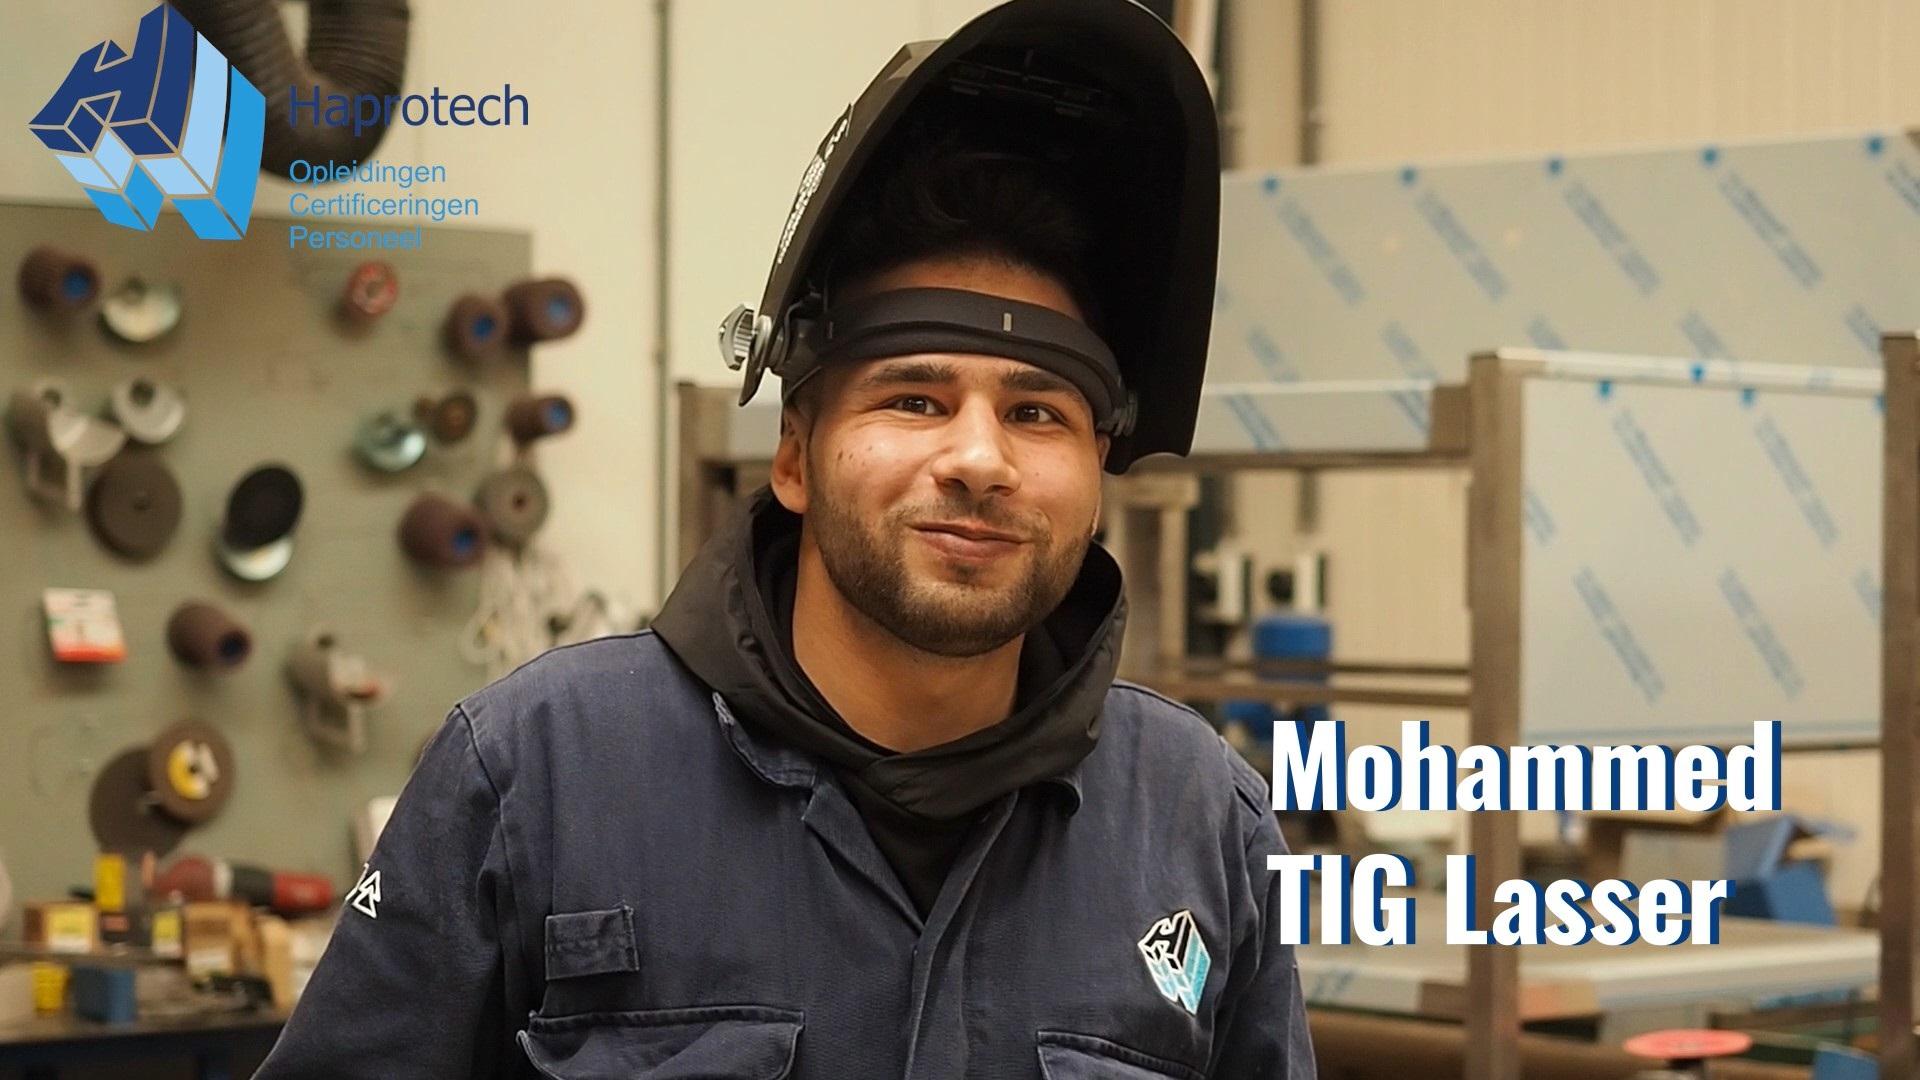 Mohammed TIG Lasser, opgeleid door Haprotech